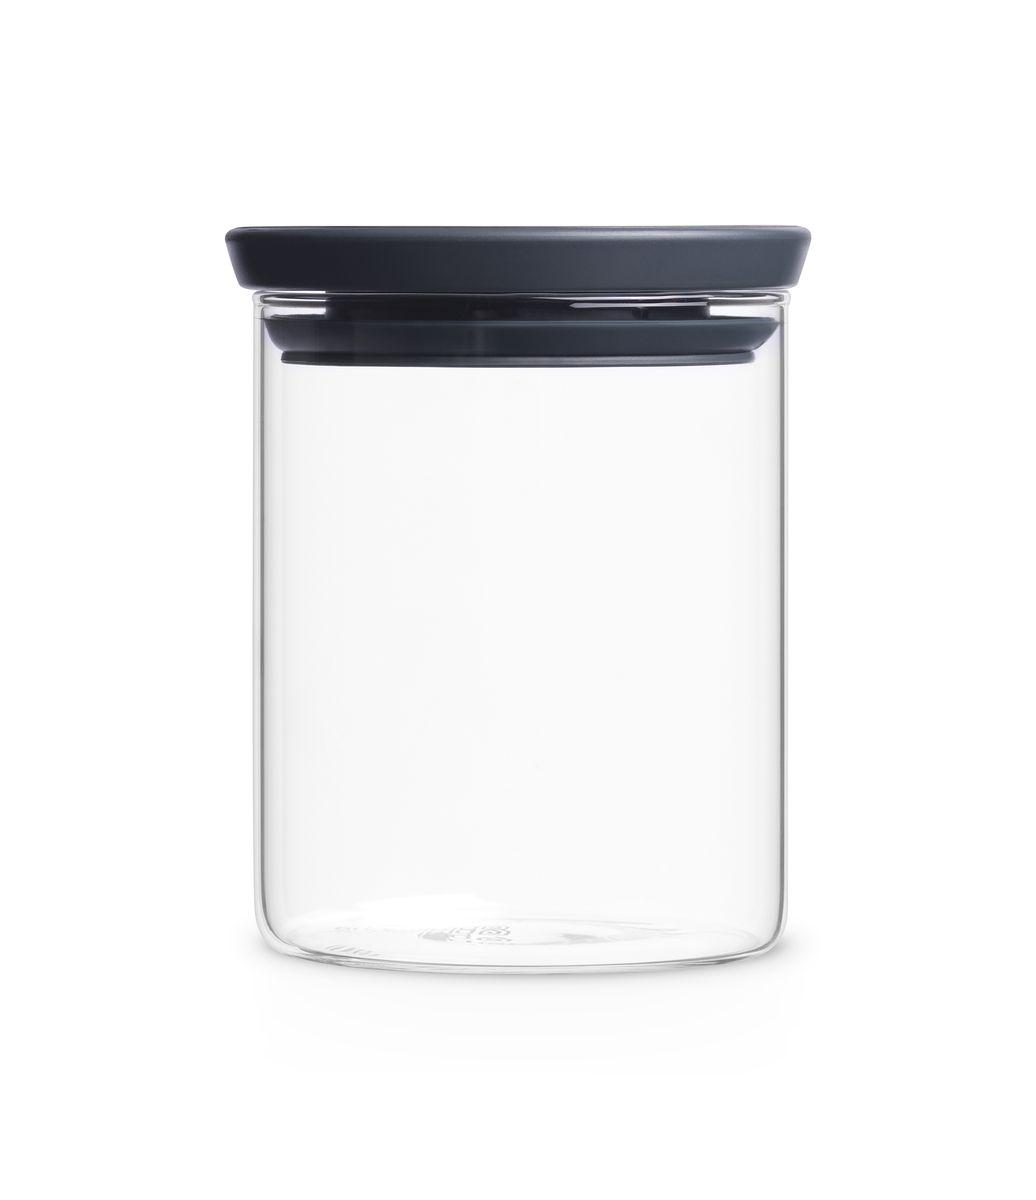 Модульная стеклянная банка Brabantia 0,7л298288Эти удобные модульные стеклянные банки для хранения любых продуктов непременно станут вашими любимыми. Идеальное решение для хранения продуктов – предлагаются в ассортименте различных размеров; Ваши любимые продукты дольше сохраняют свежесть – герметичная крышка; Легко моются – банки и крышки можно мыть в посудомоечной машине; Хорошо видно содержимое и его объем – прозрачное стекло; Рациональное использование пространства – модульная конструкция: банки составляются одна на другую; 10-летняя гарантия Brabantia.